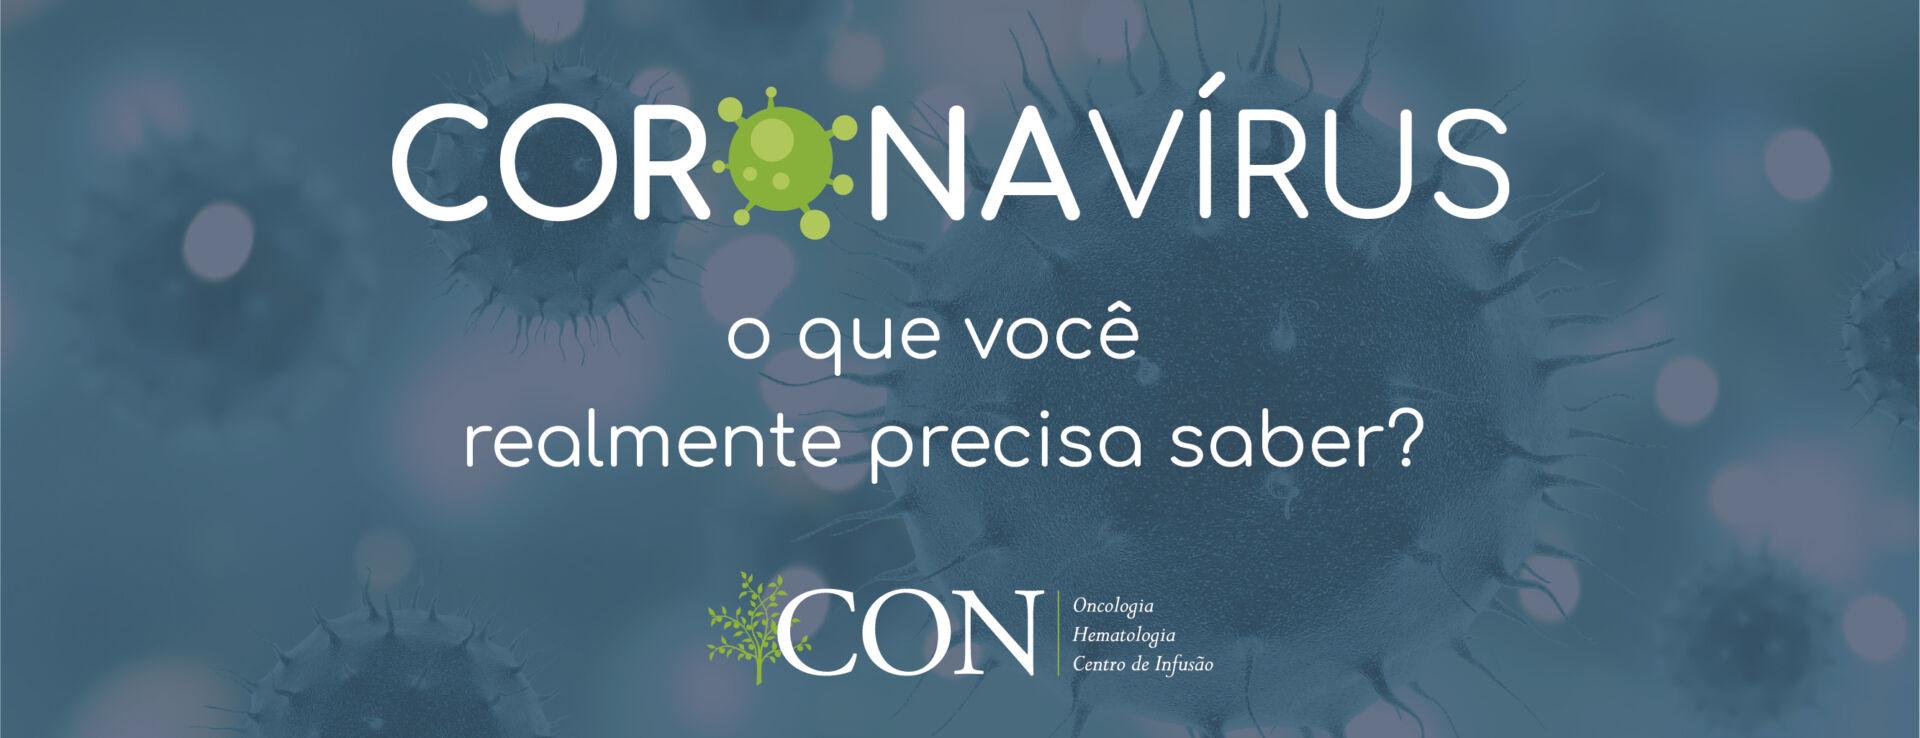 coronavirus-o-que-voce-realmente-precisa-saber.jpg